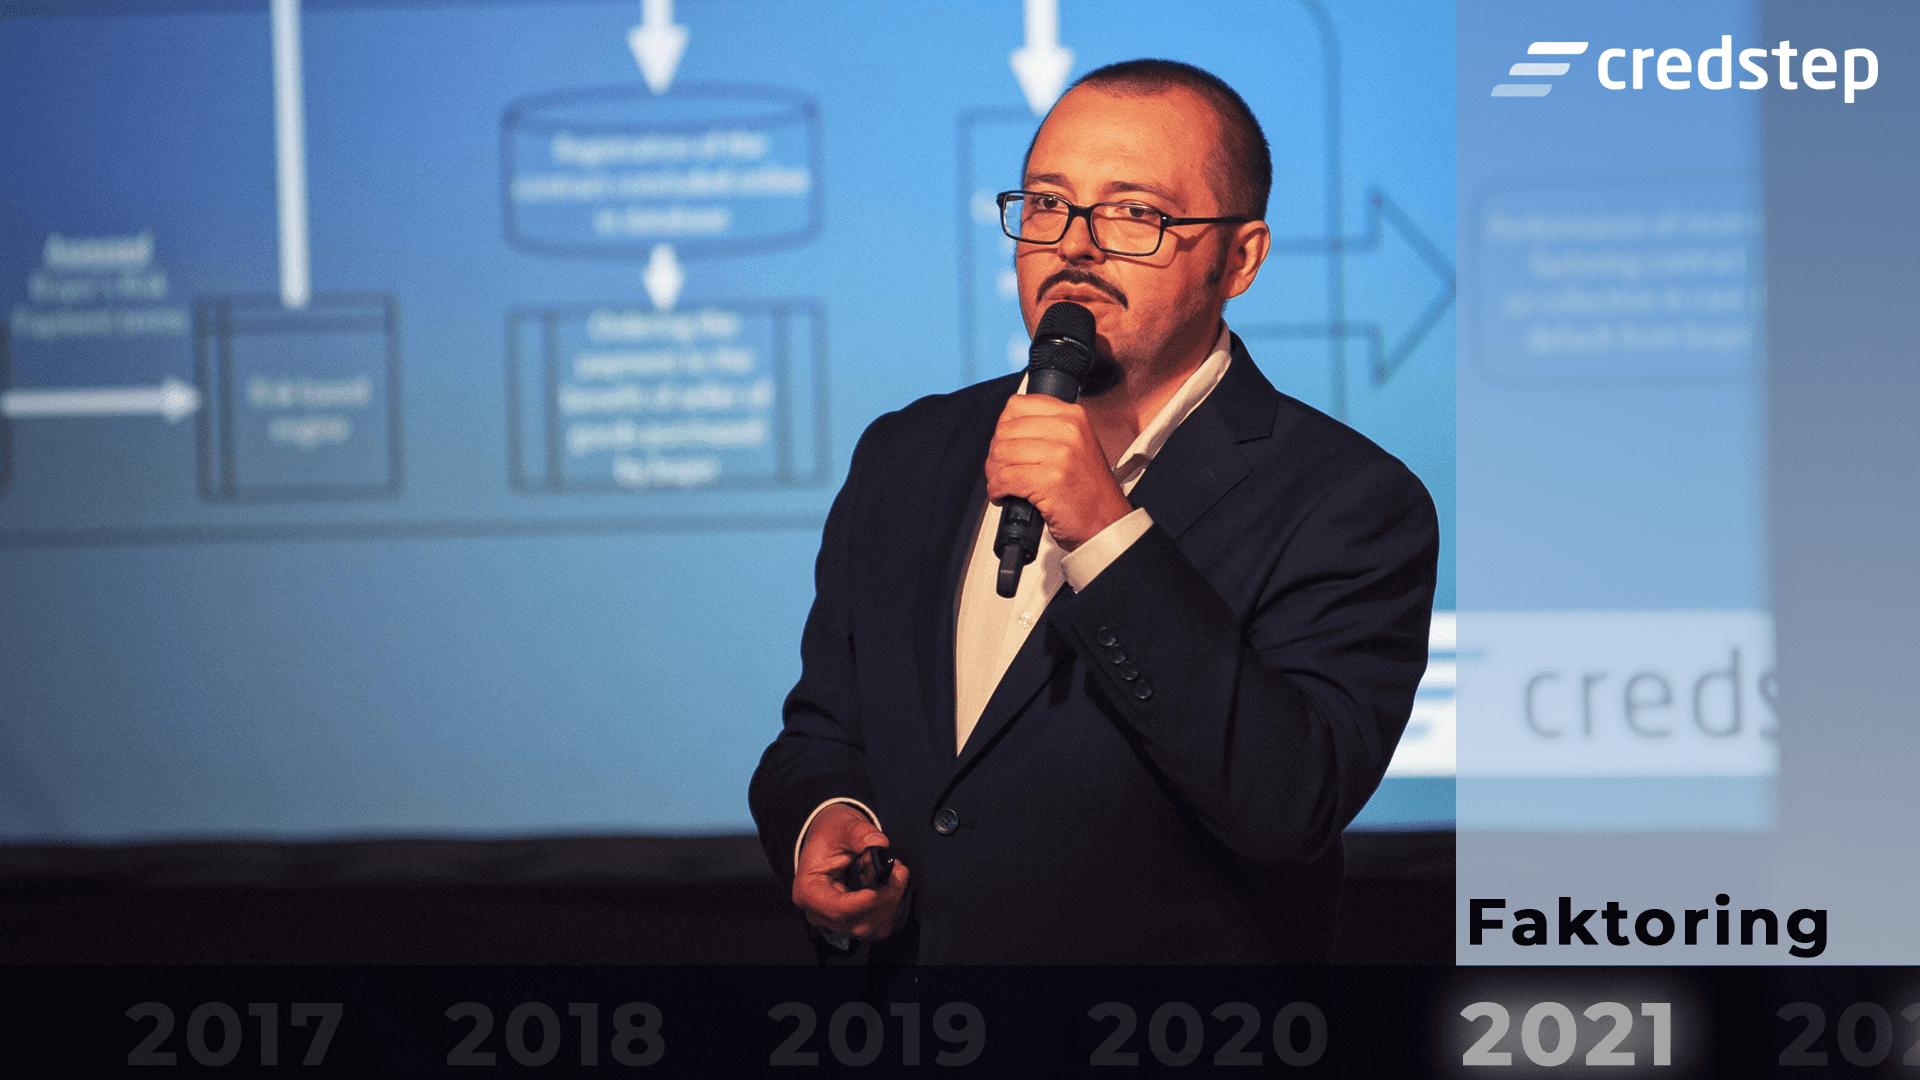 Płynność finansowa jako wyzwanie dla krajowego sektora przedsiębiorstw w perspektywie roku 2021